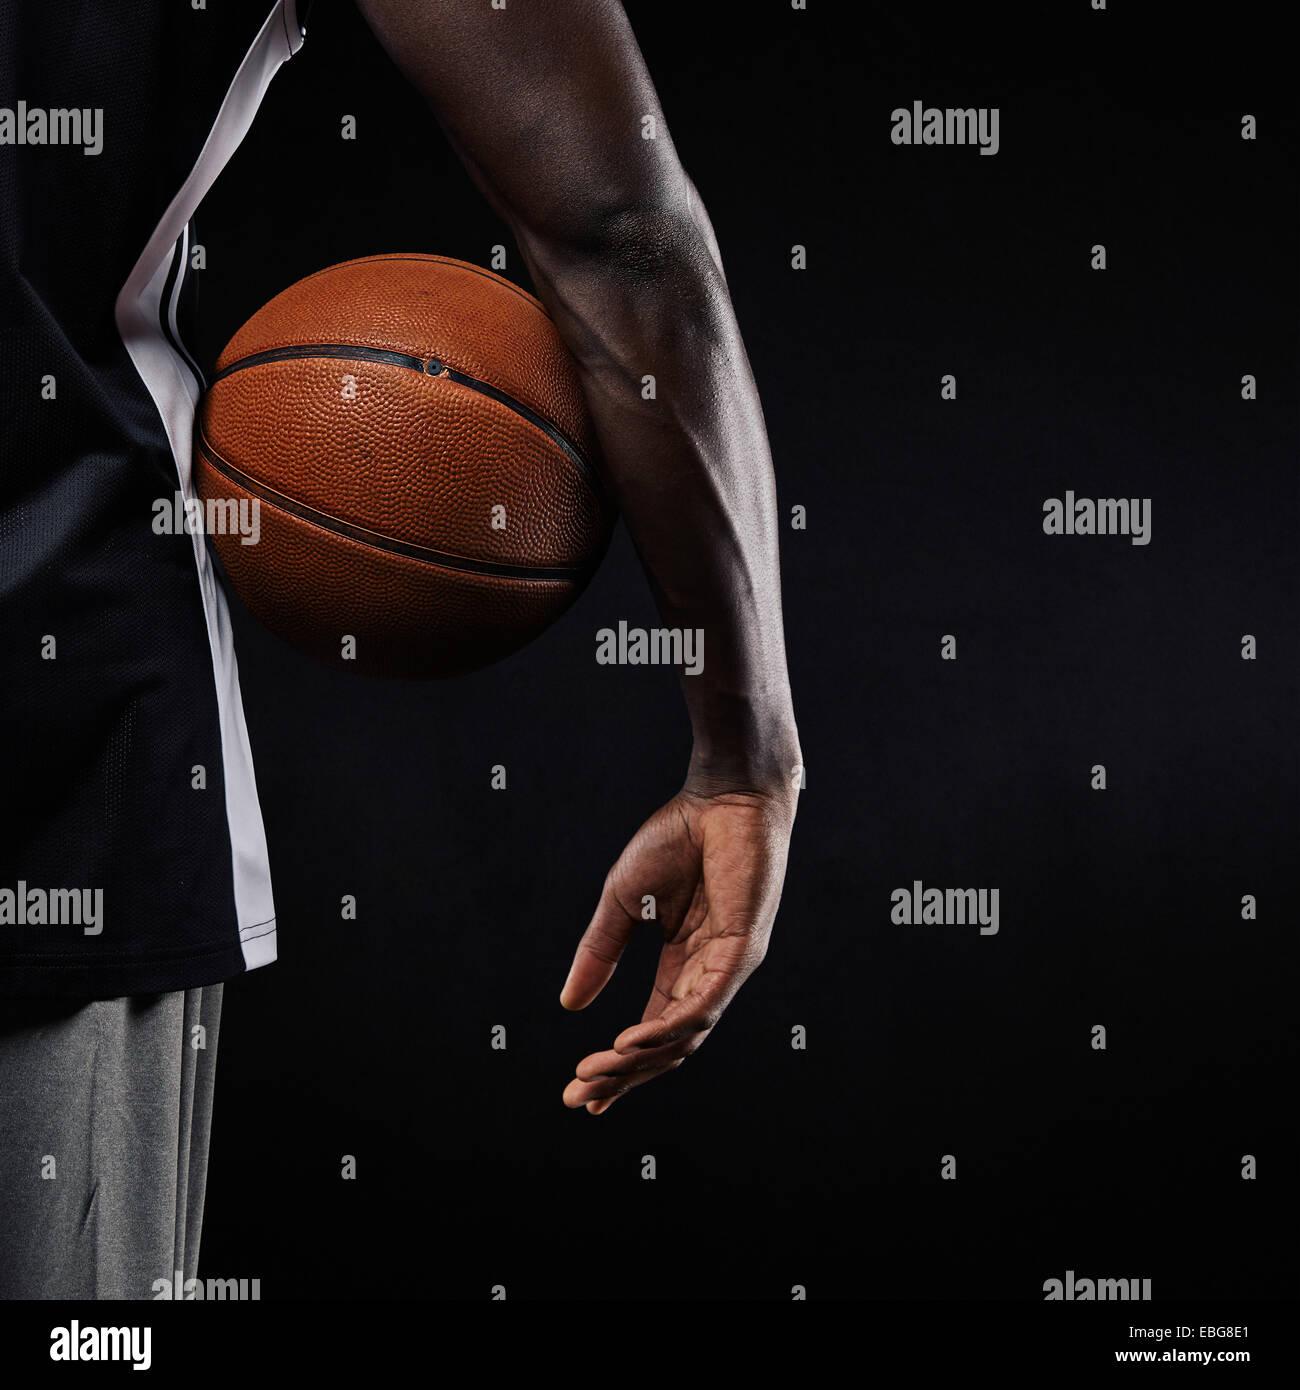 Nahaufnahme eines Basketballs in der Hand eines jungen afrikanischen Athleten vor schwarzem Hintergrund mit Textfreiraum. Stockfoto